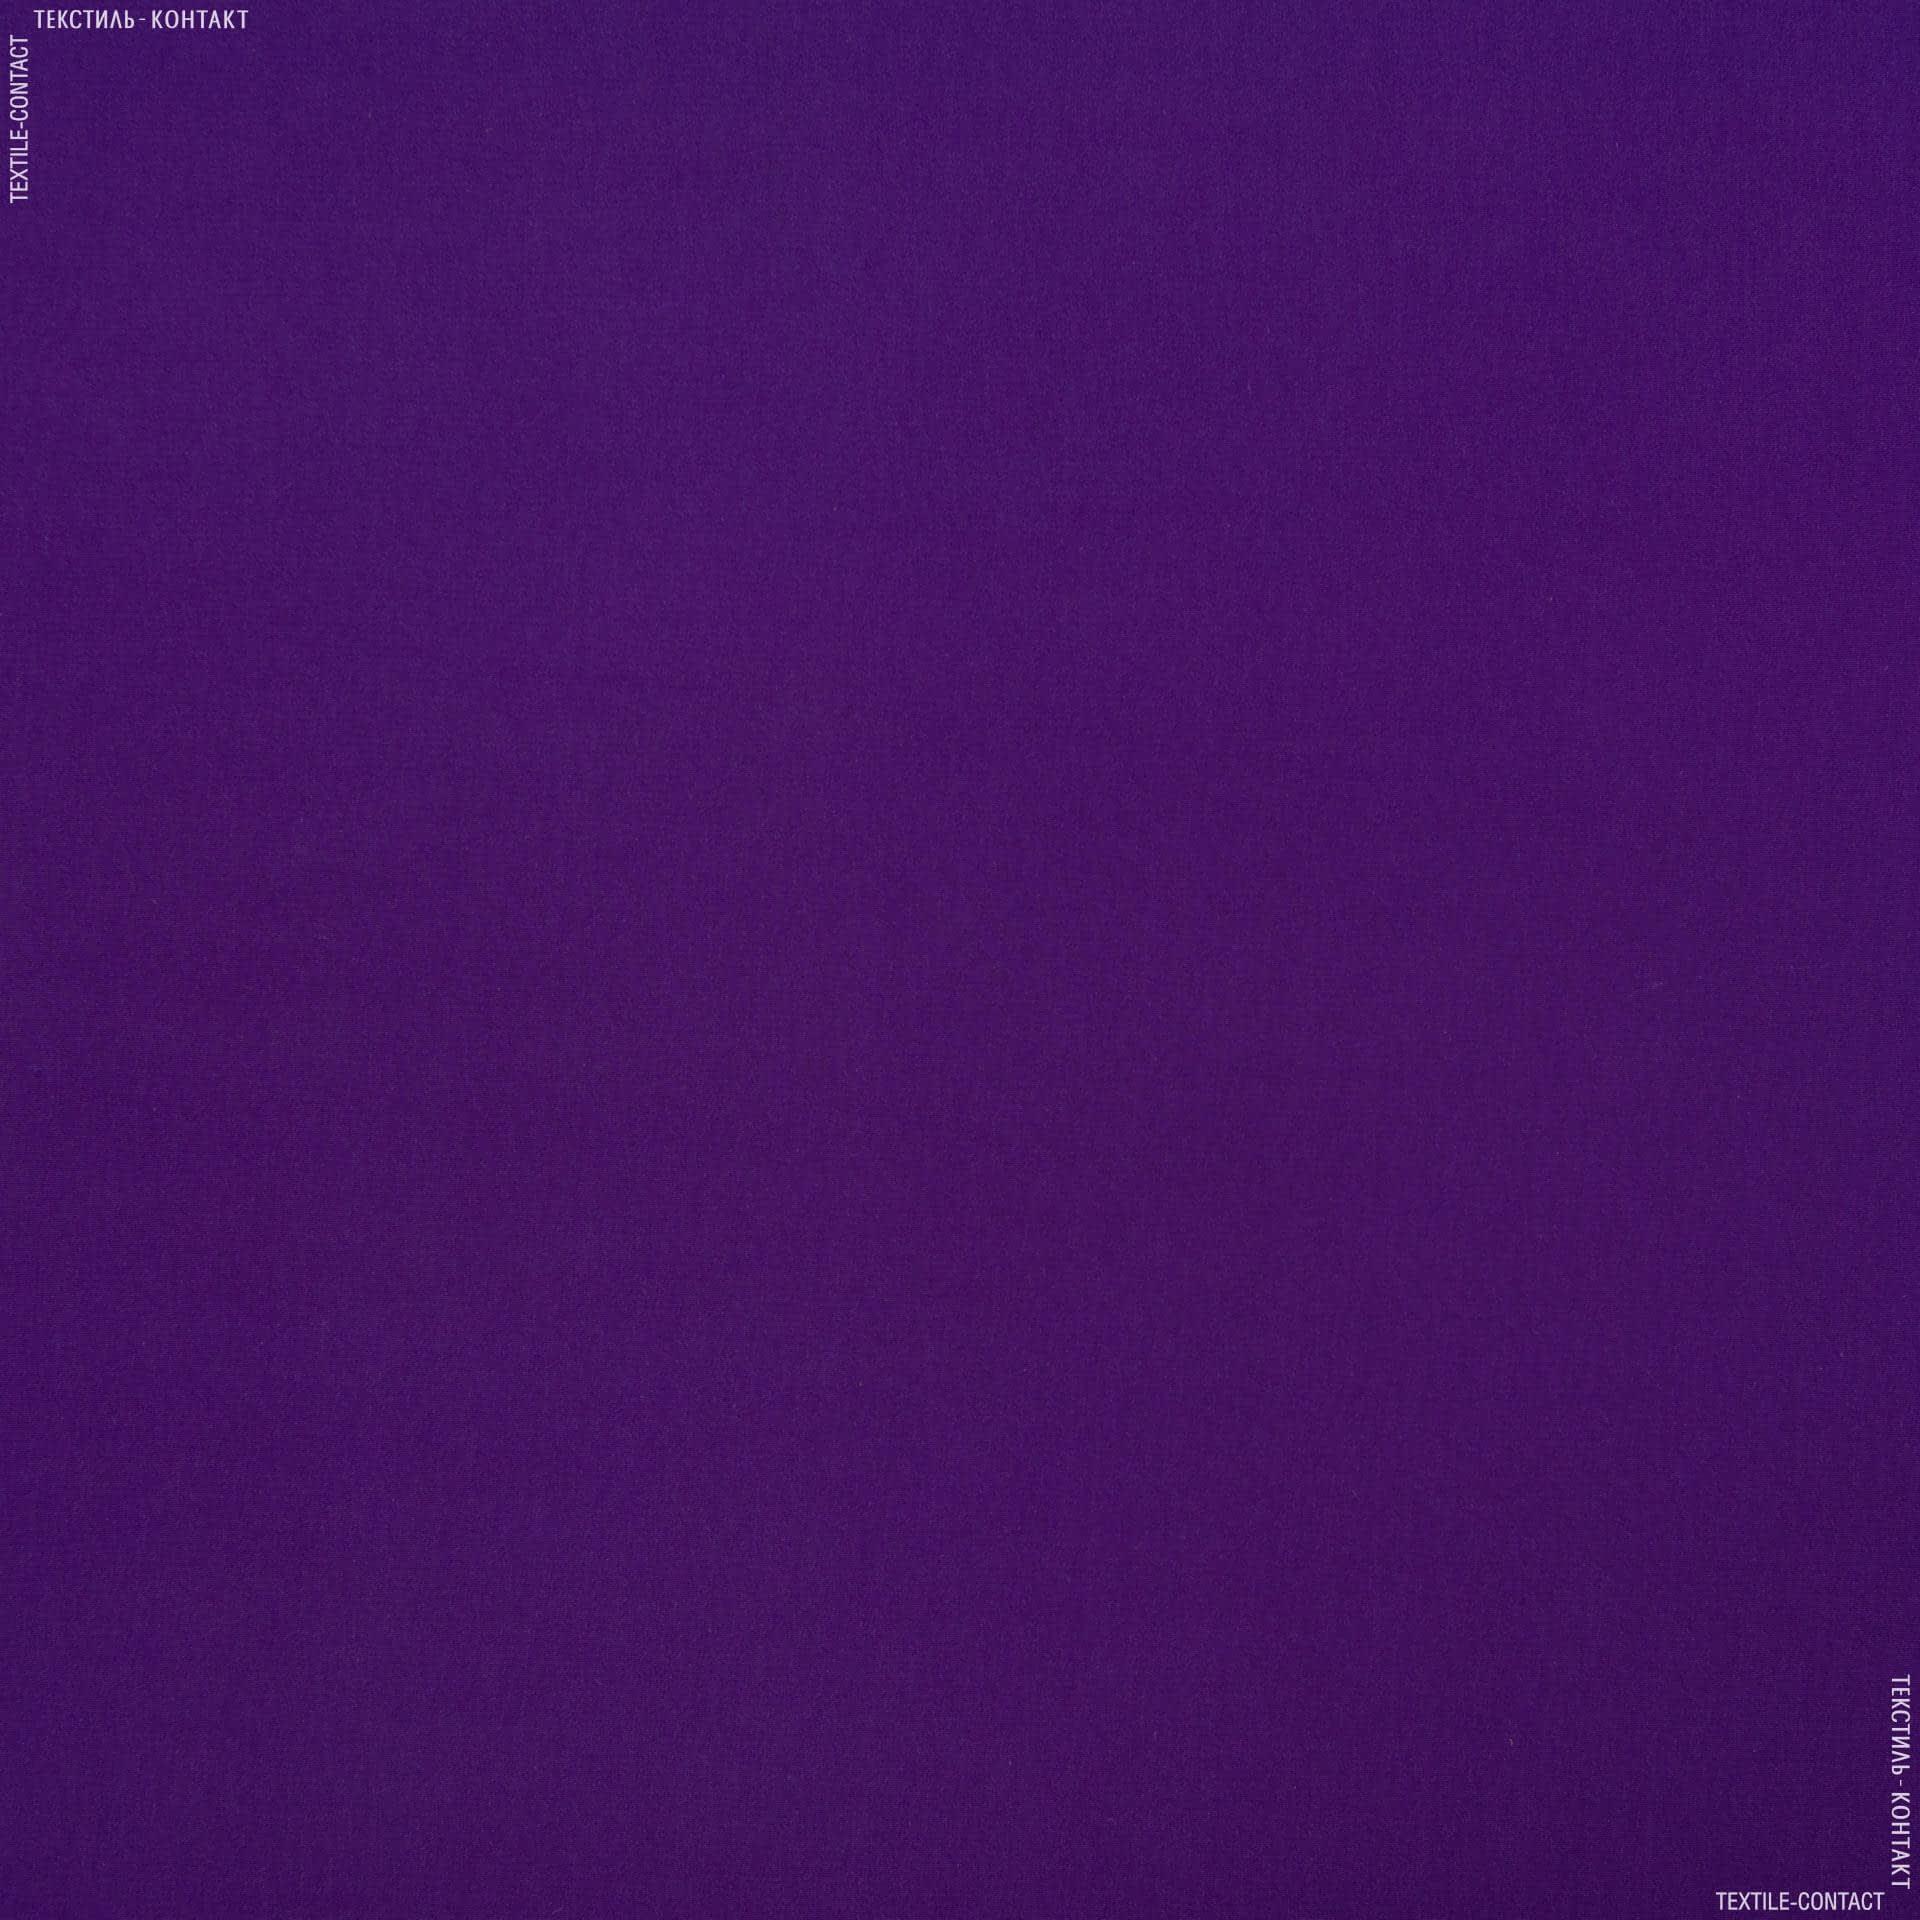 Тканини для штанів - Костюмний мокрий шовк фіолетовий